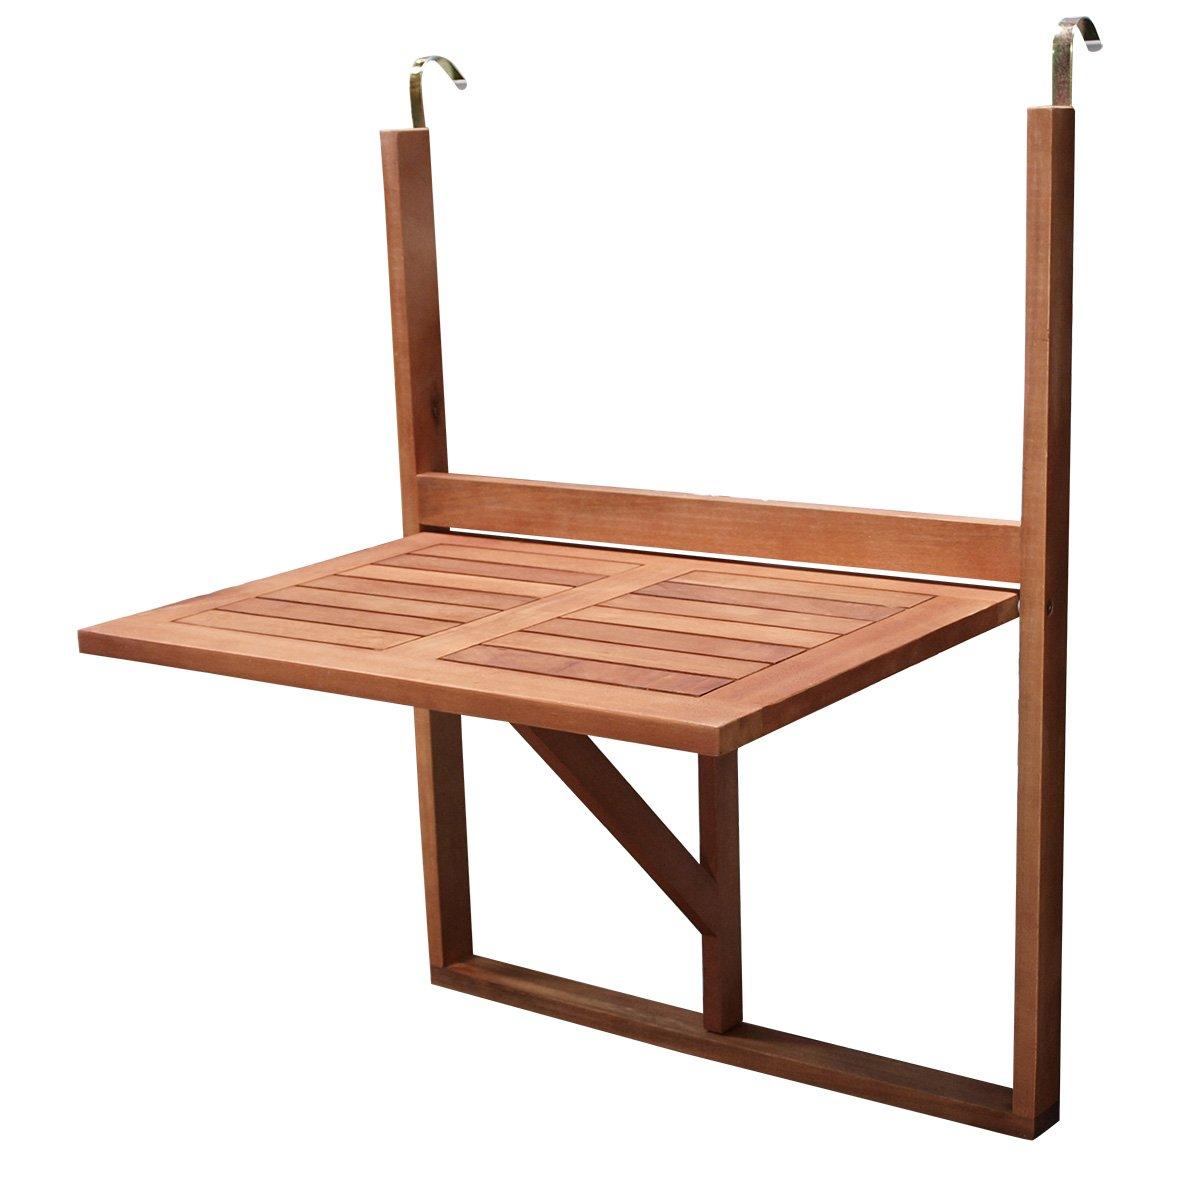 Balkonhängetisch 60x40cm klappbar, Eukalyptusholz kaufen